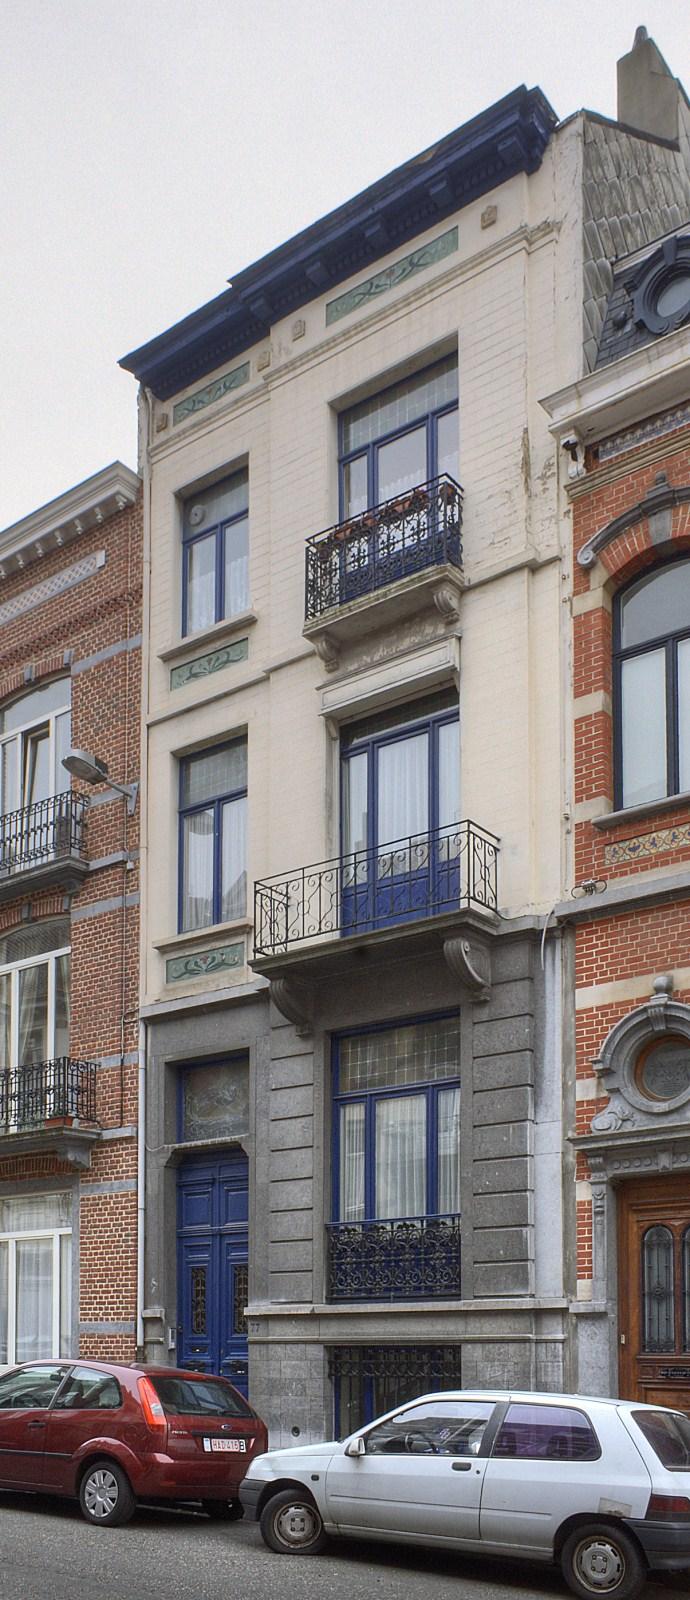 Rue Le Corrège 77.© © V. Brunetta & M. Eberlin, 2009